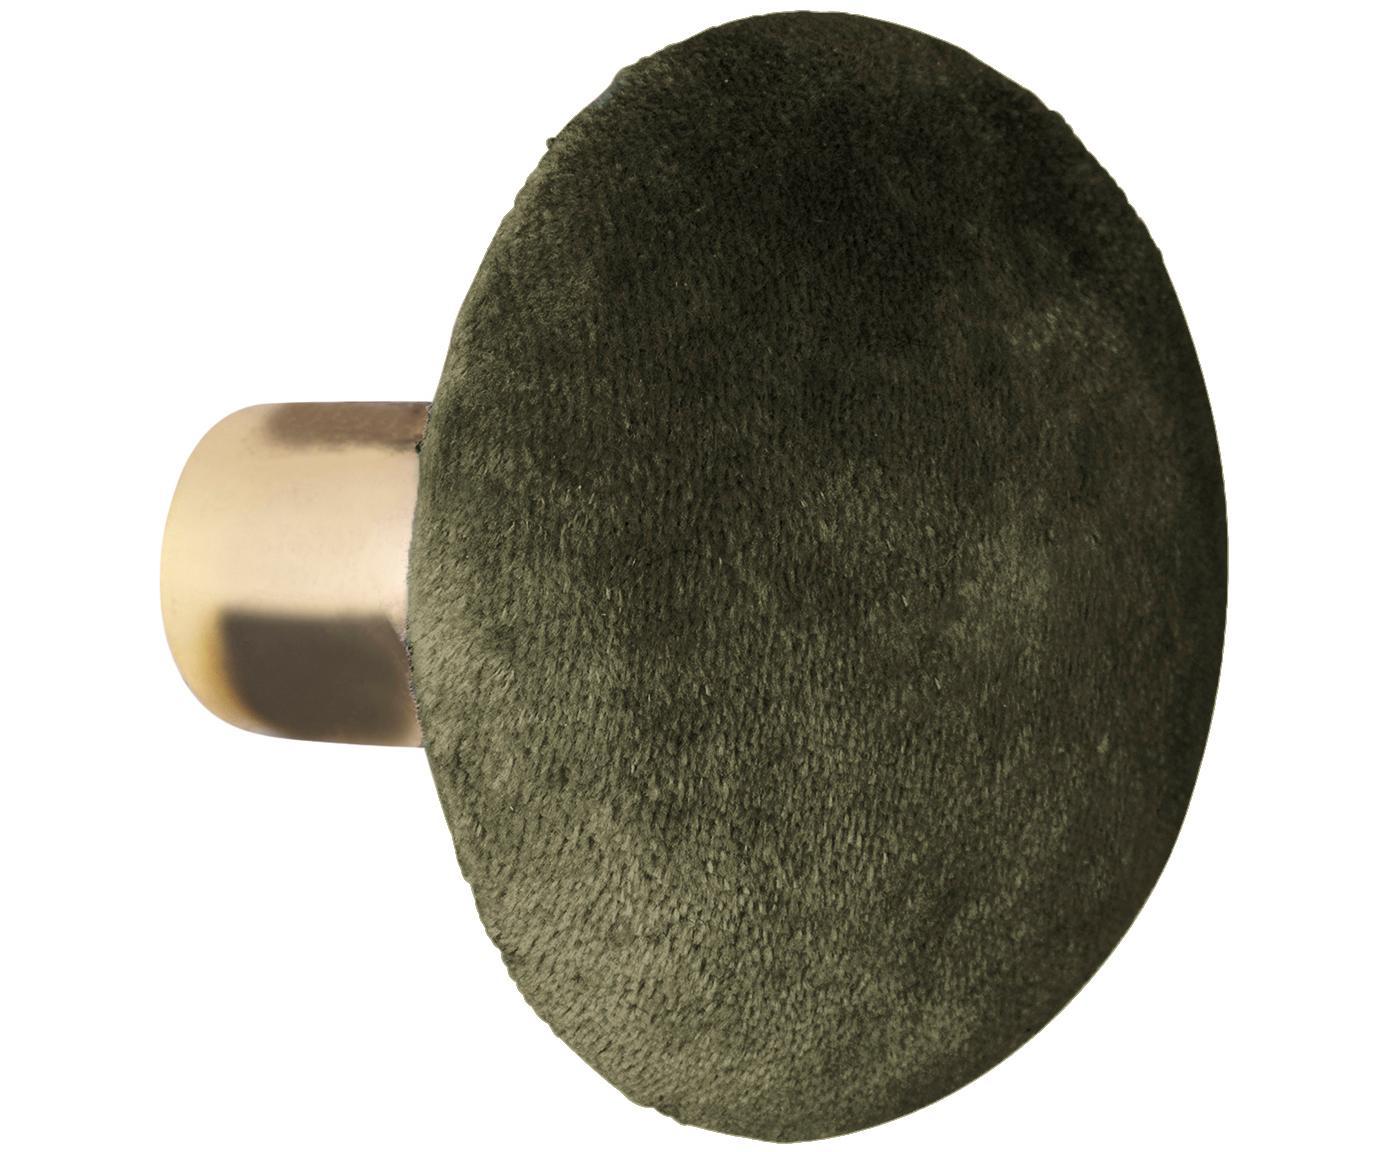 Hak ścienny z aksamitu Helene, Odcienie mosiądzu, oliwkowy zielony, Ø 8 x G 6 cm